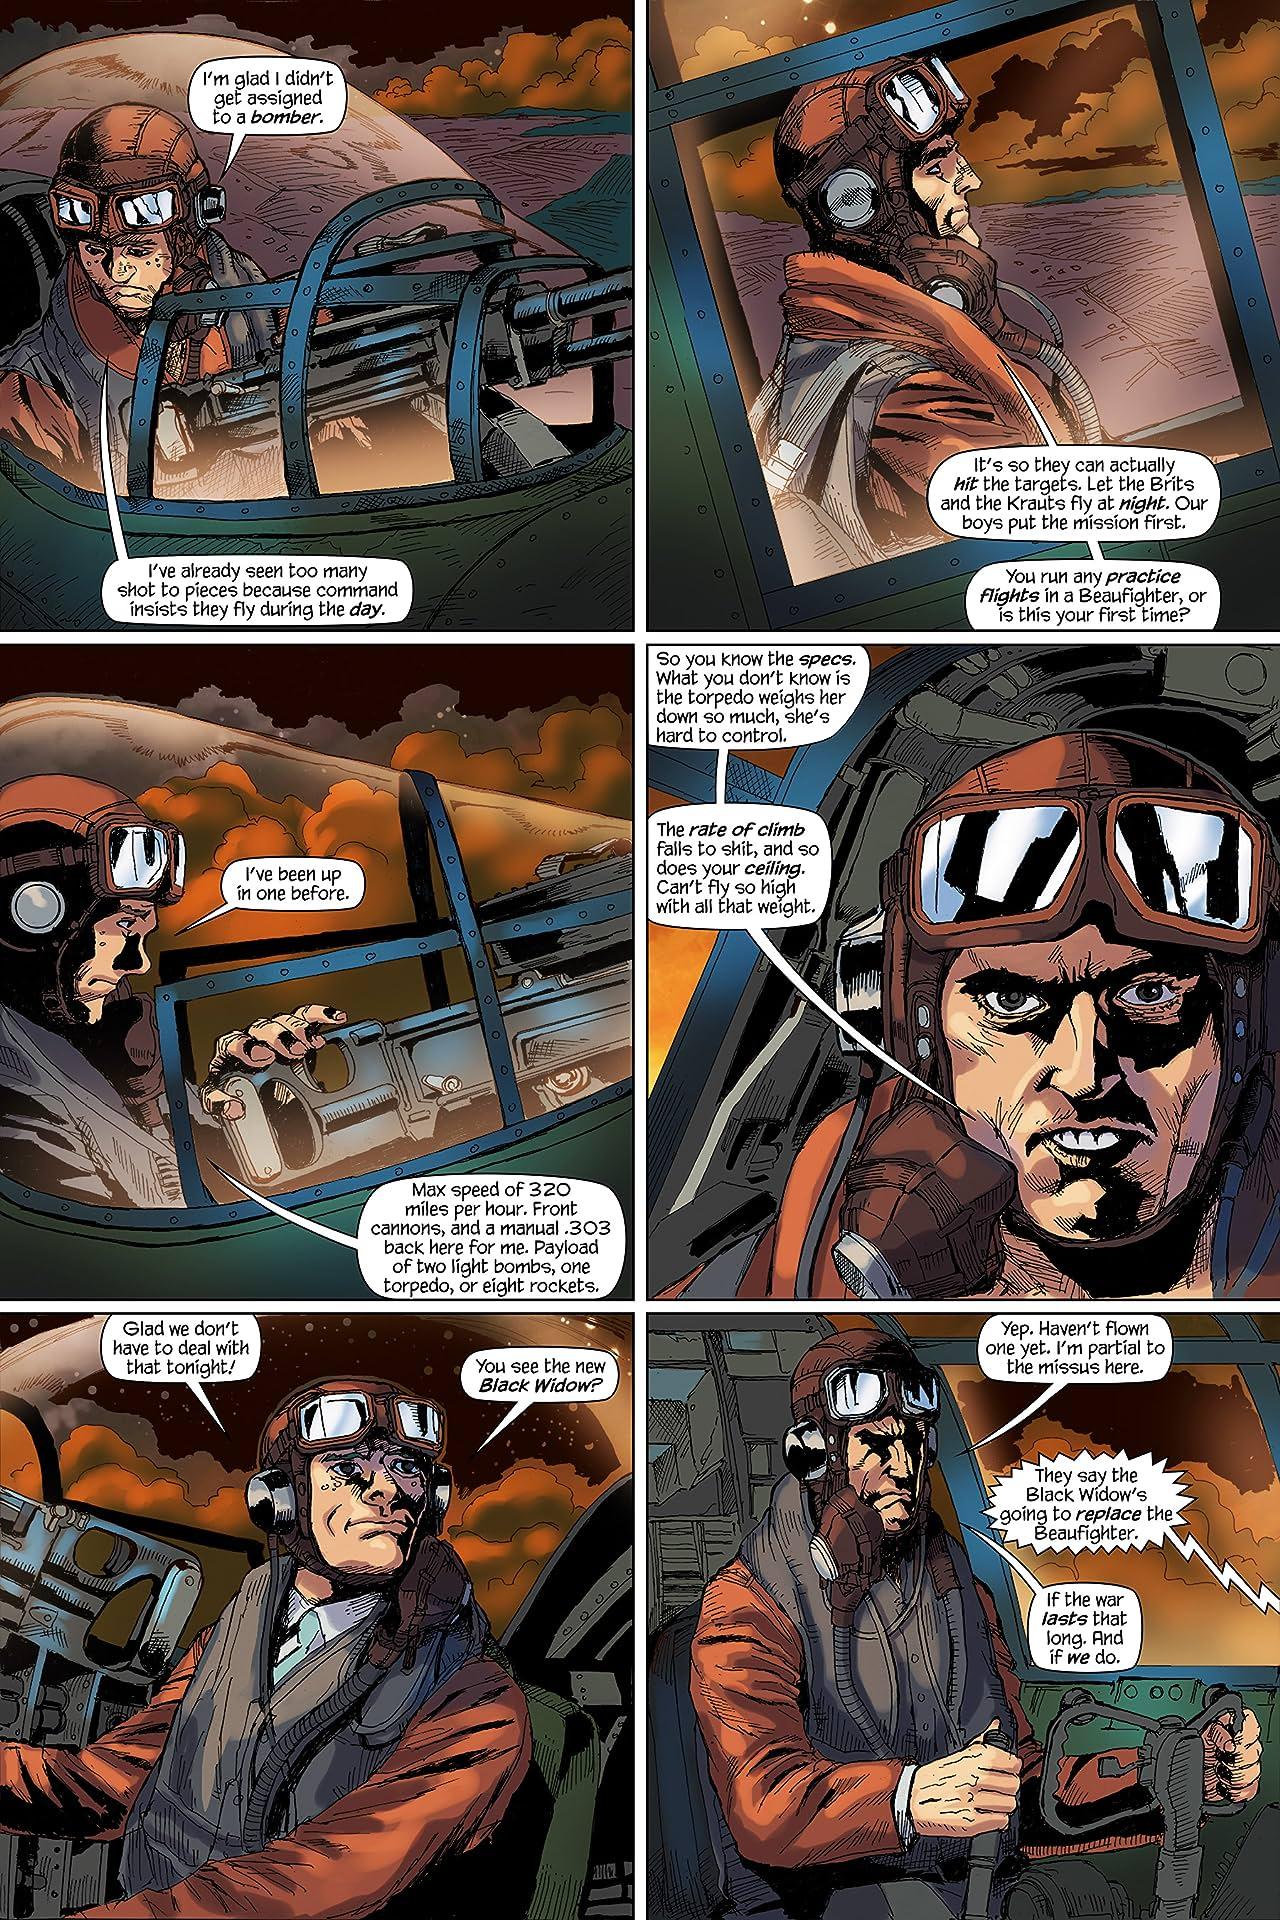 Martian Comics #13